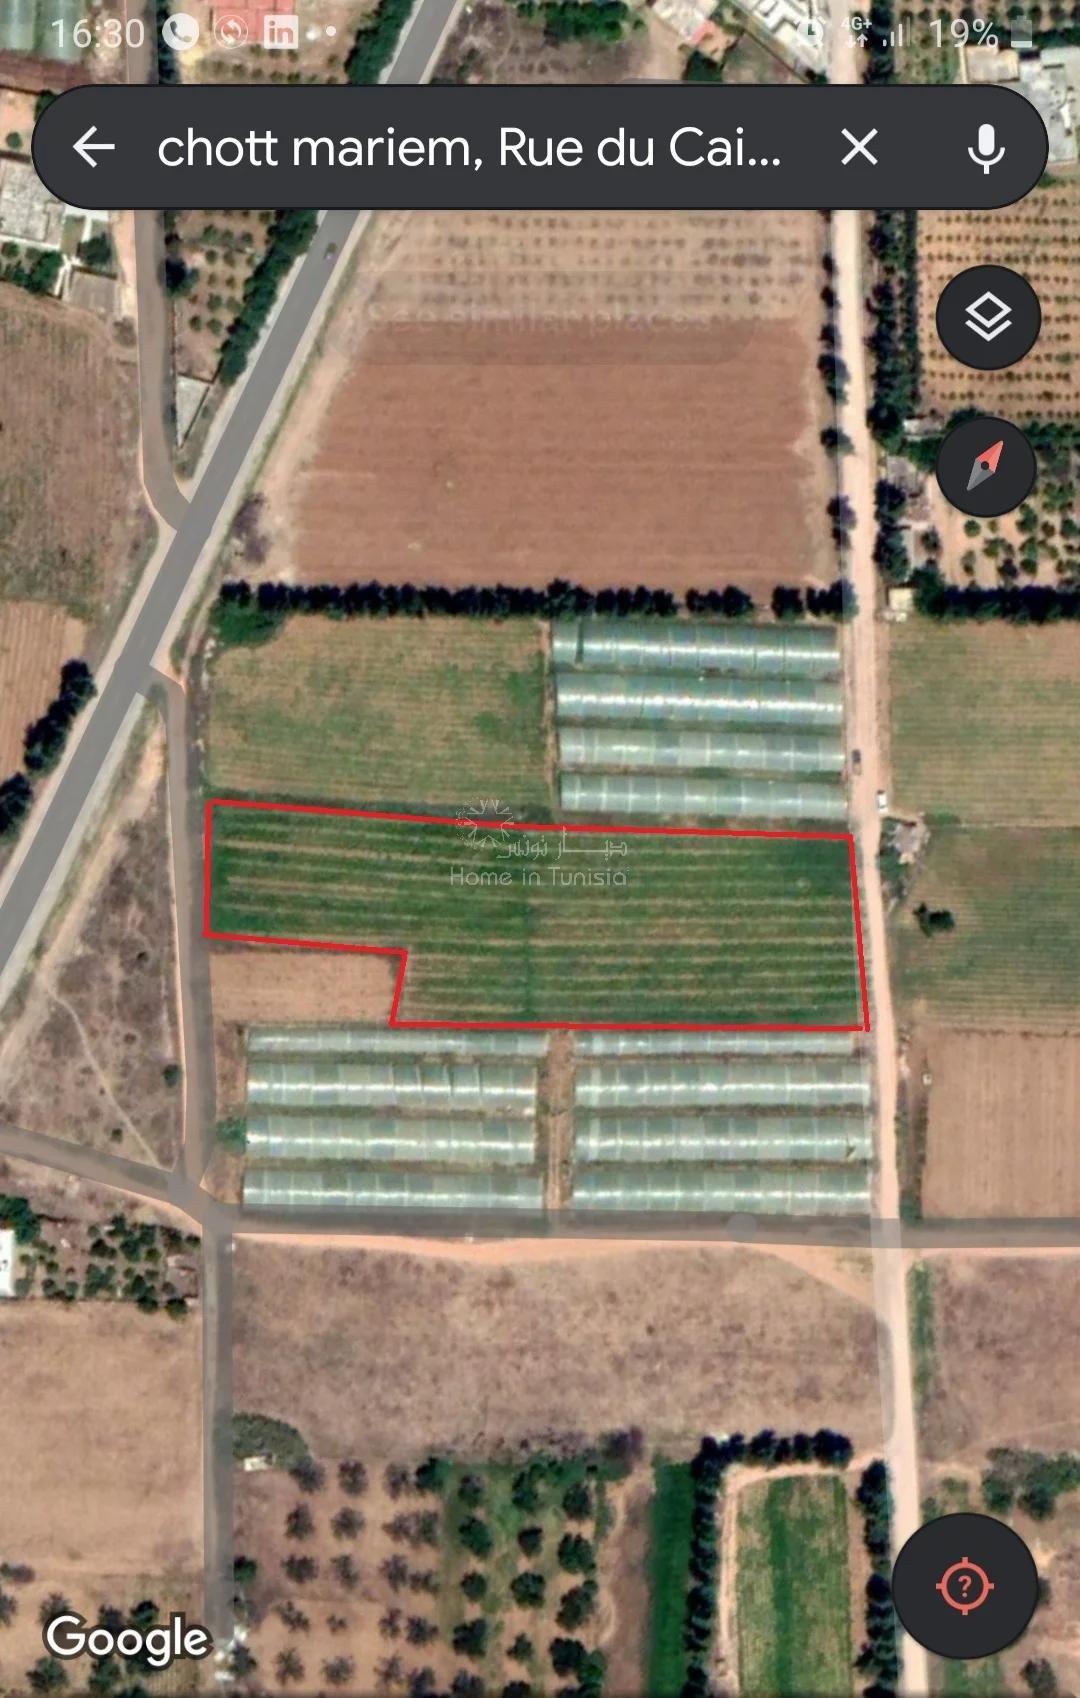 Terrain agricole a Chatt Meriem